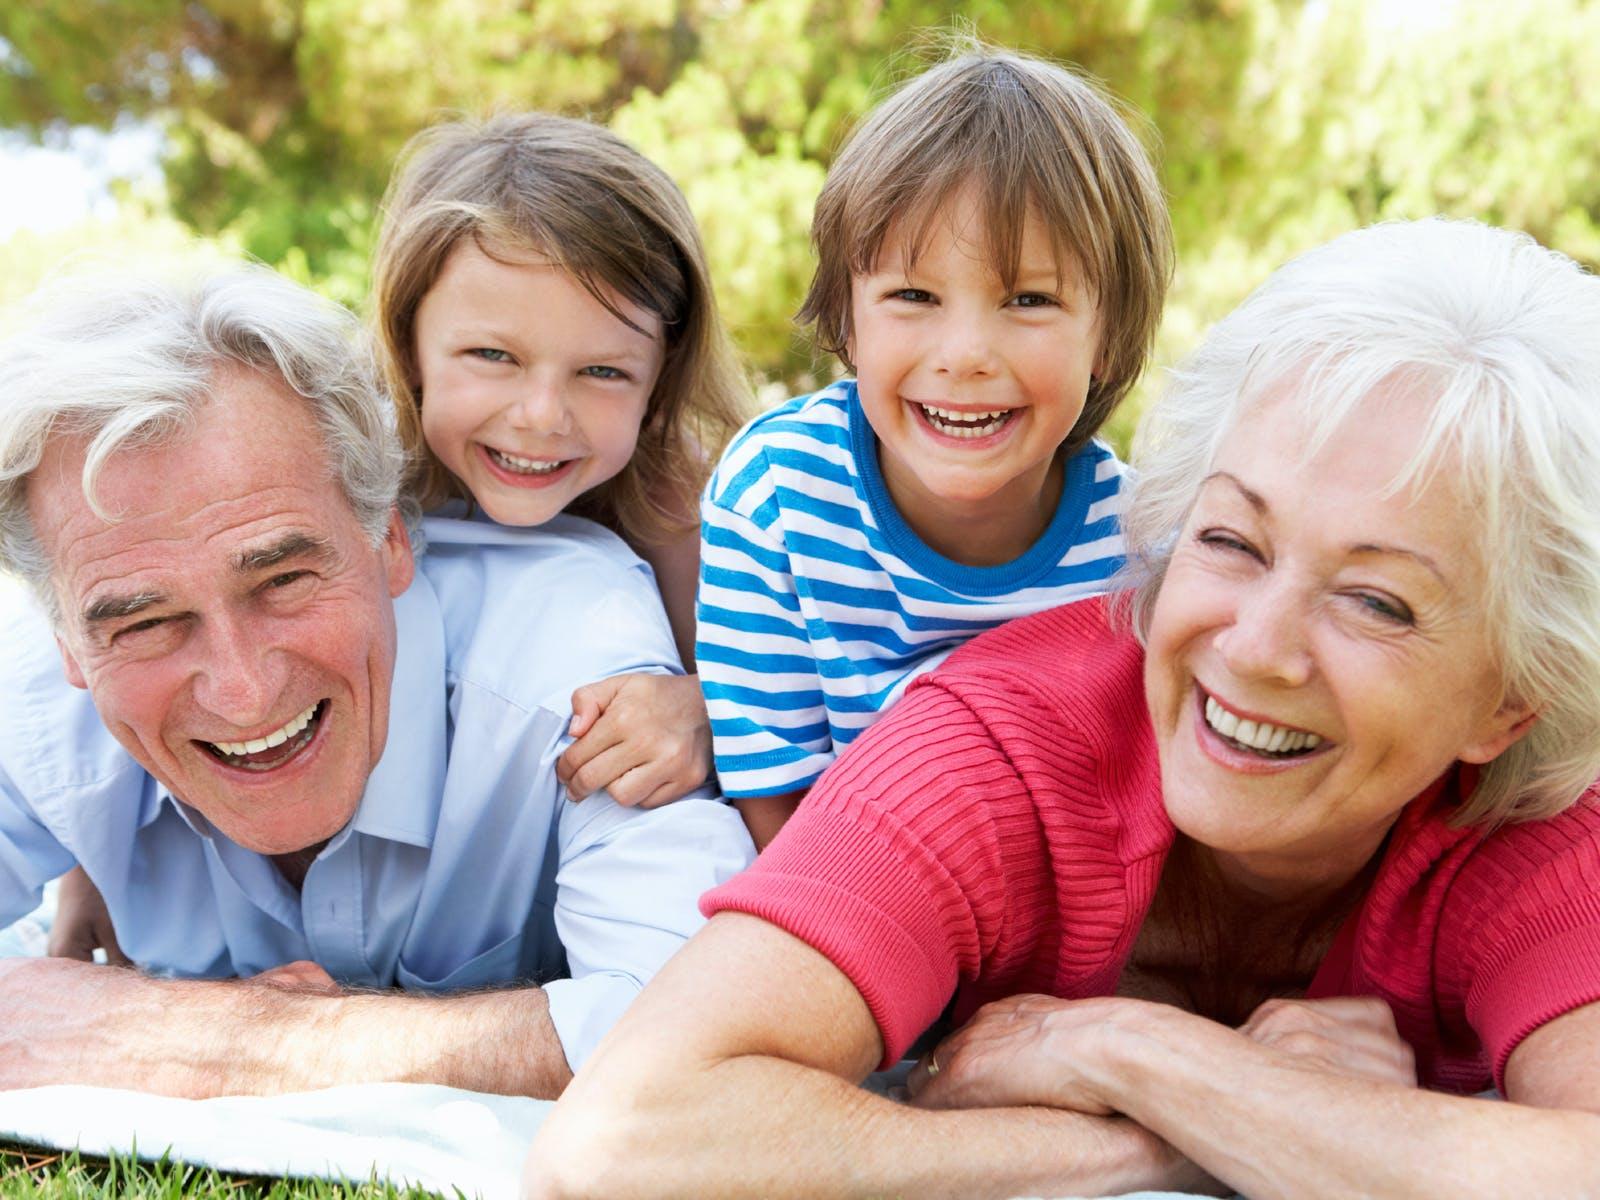 Grands Parents Leur Rôle Auprès Des Petits Enfants